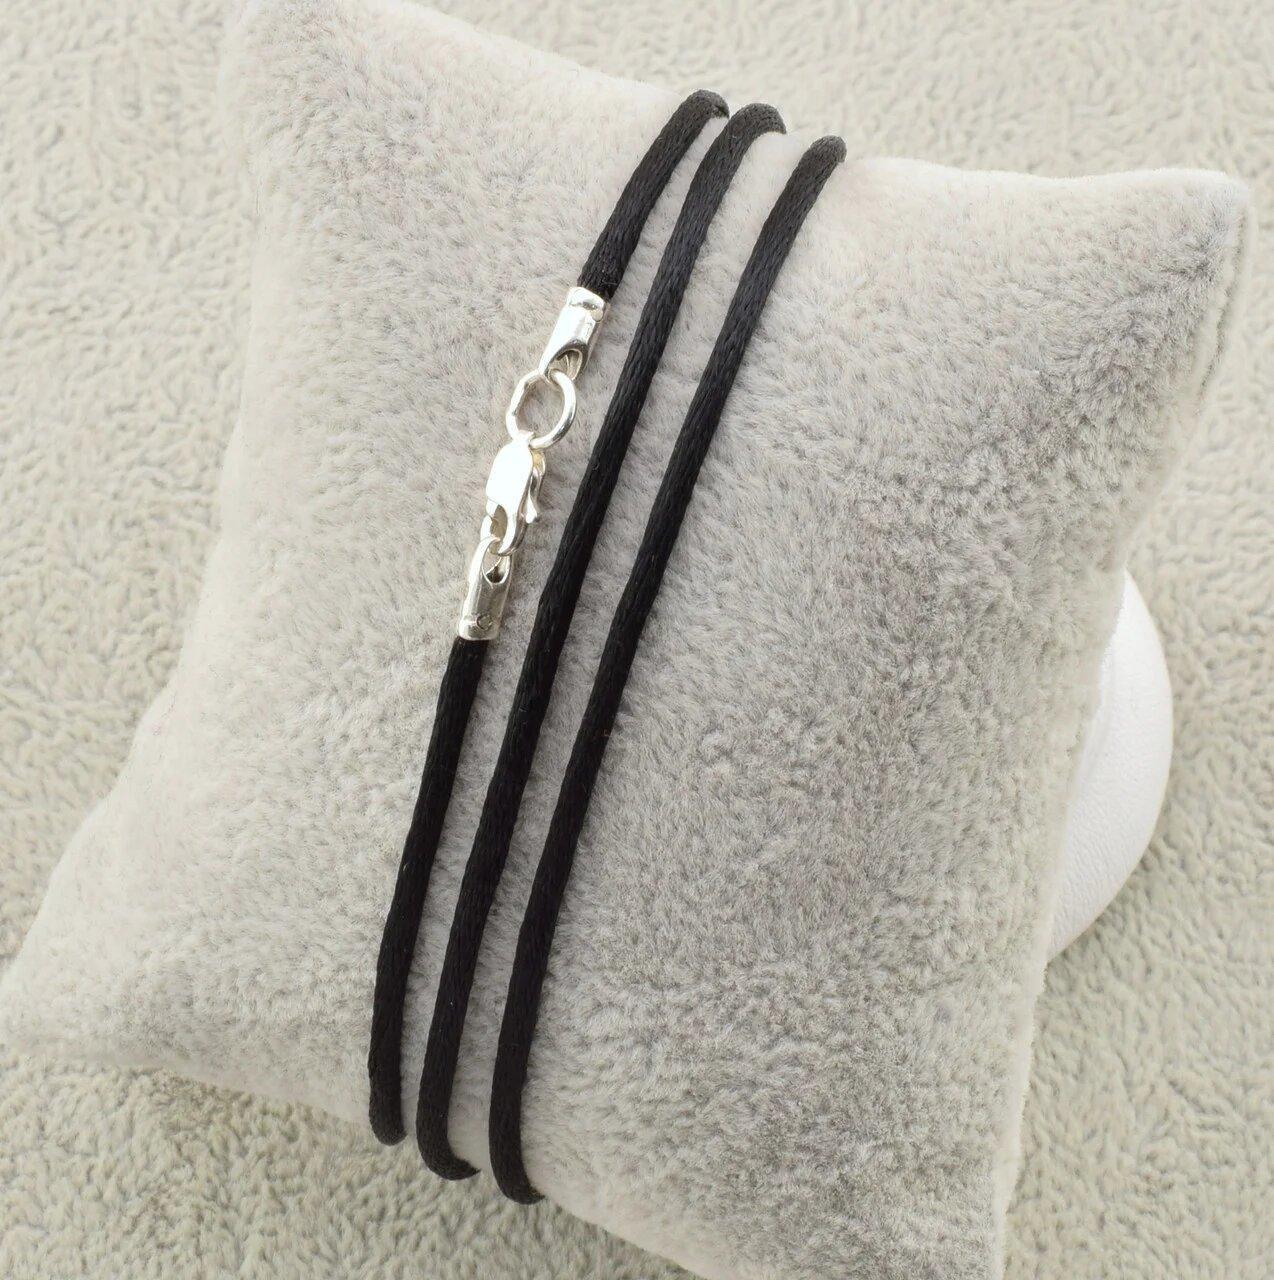 Шнурок шелковый цвет черный длина 50 см ширина 2 мм вес серебра 0.7 г